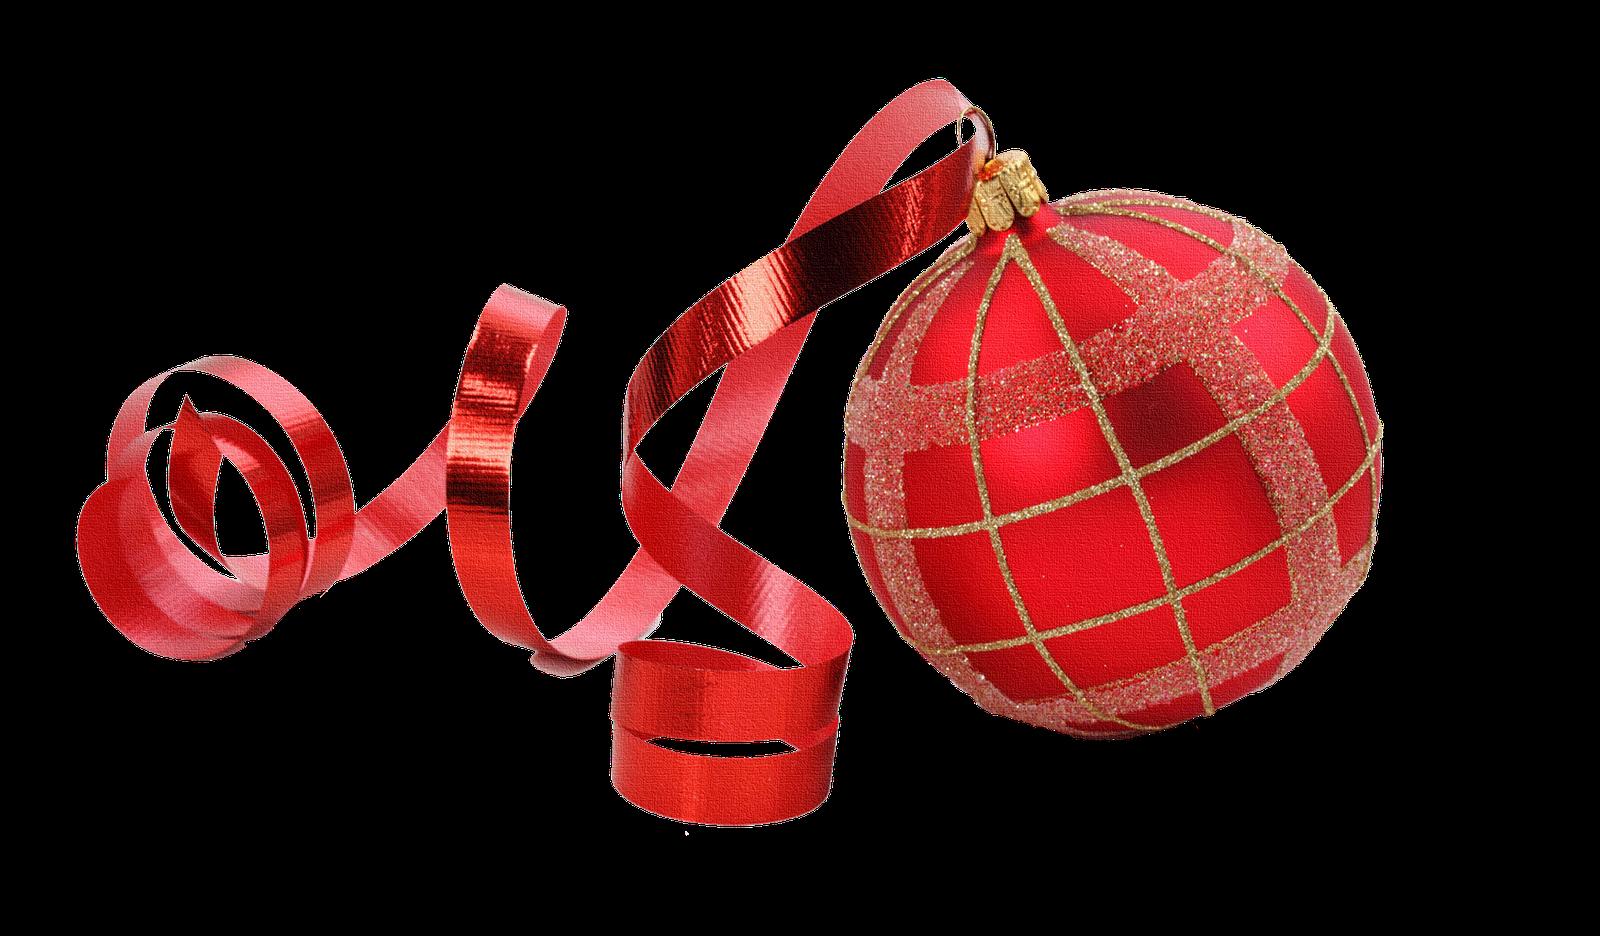 Adornos luces y campanas de navidad png fondos de - Fotos de adornos de navidad ...